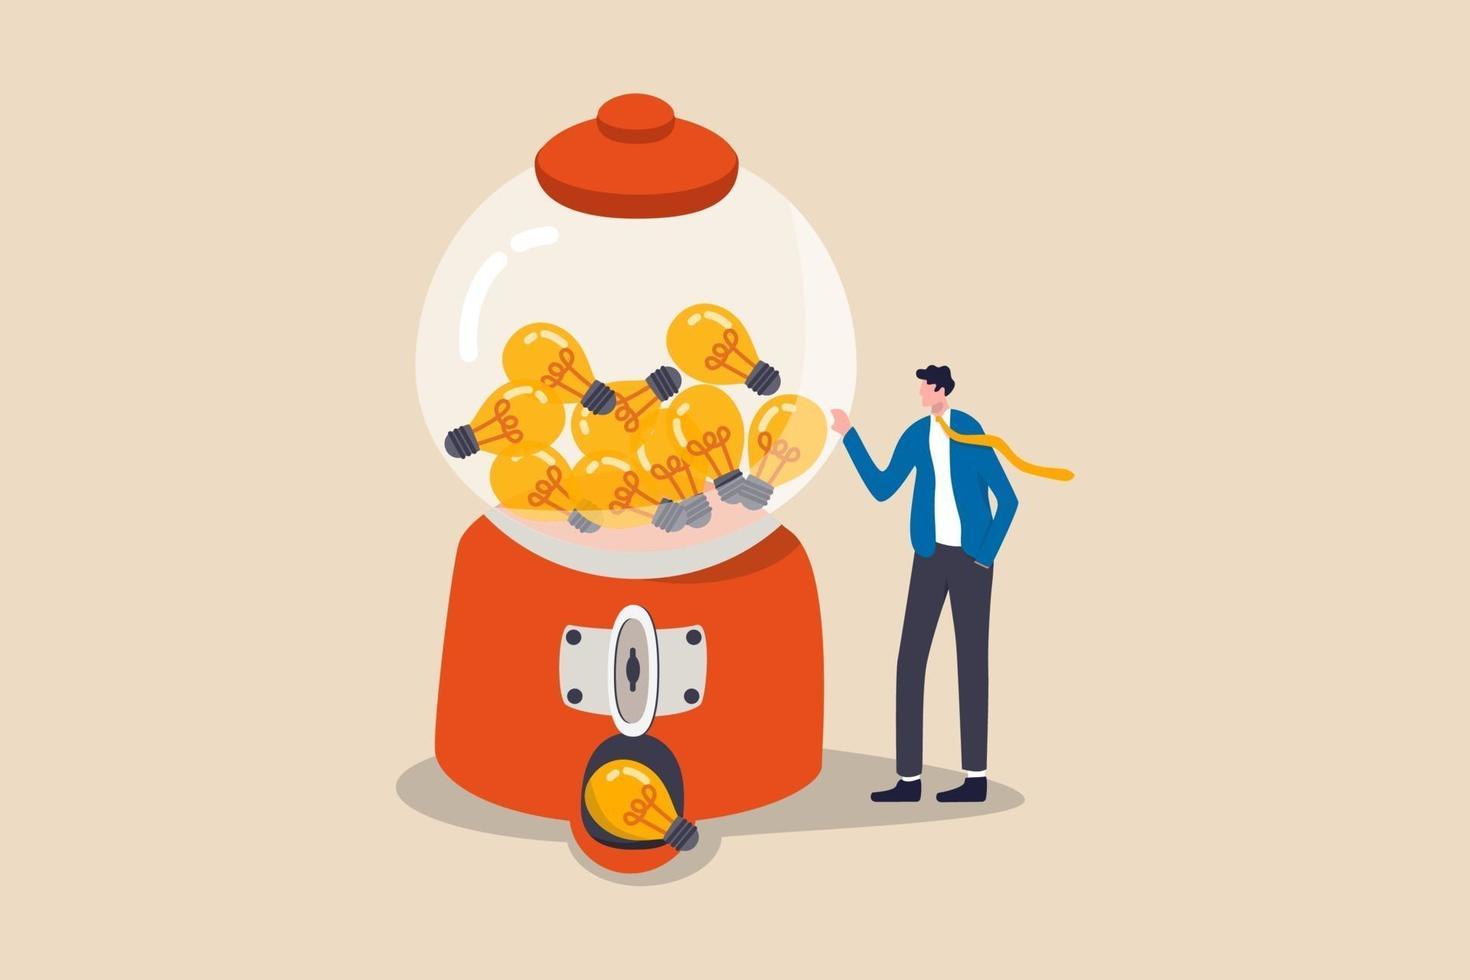 bedrijfsideeën, creativiteit, opstarten en ondernemer of innovatie gloeilamp symboolconcept, slimme zakenman met veel ideeën die zich met kauwgomballenmachine bevinden met een overvloed aan gloeilampideeën. vector